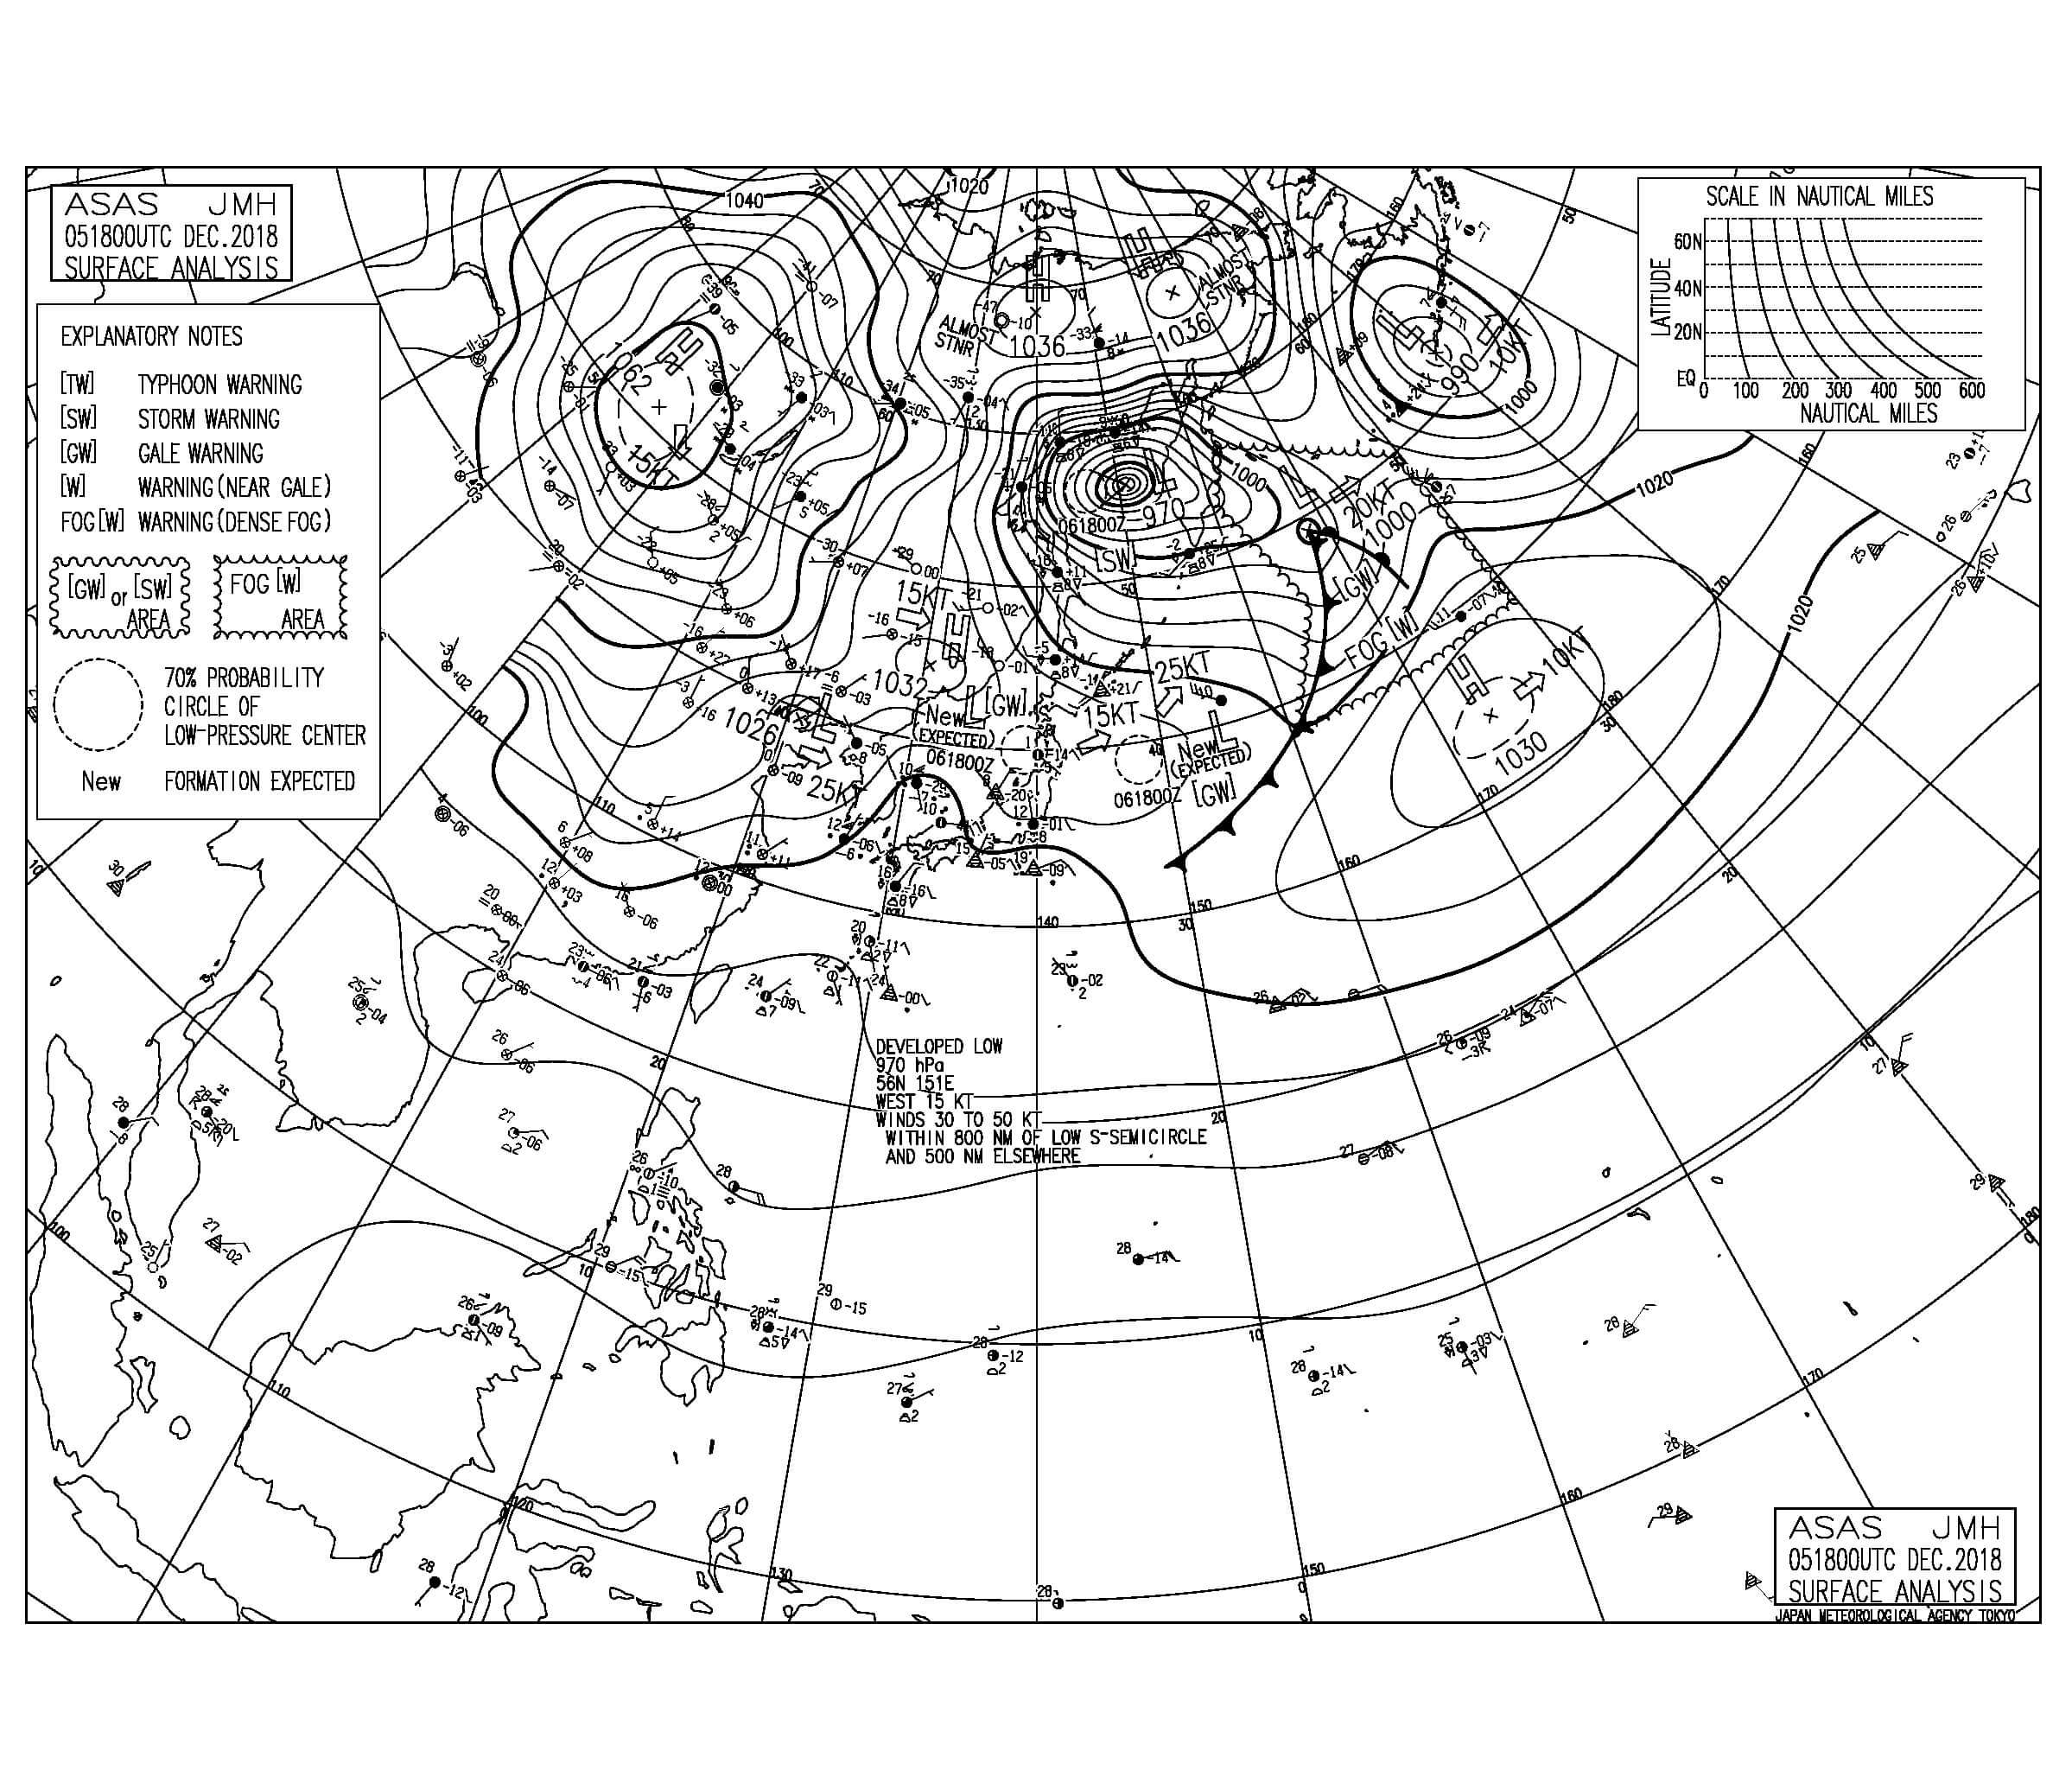 今日は気温が急降下して冷たい雨、週末土曜の朝一は気温5度以下でかなり寒い(181206)